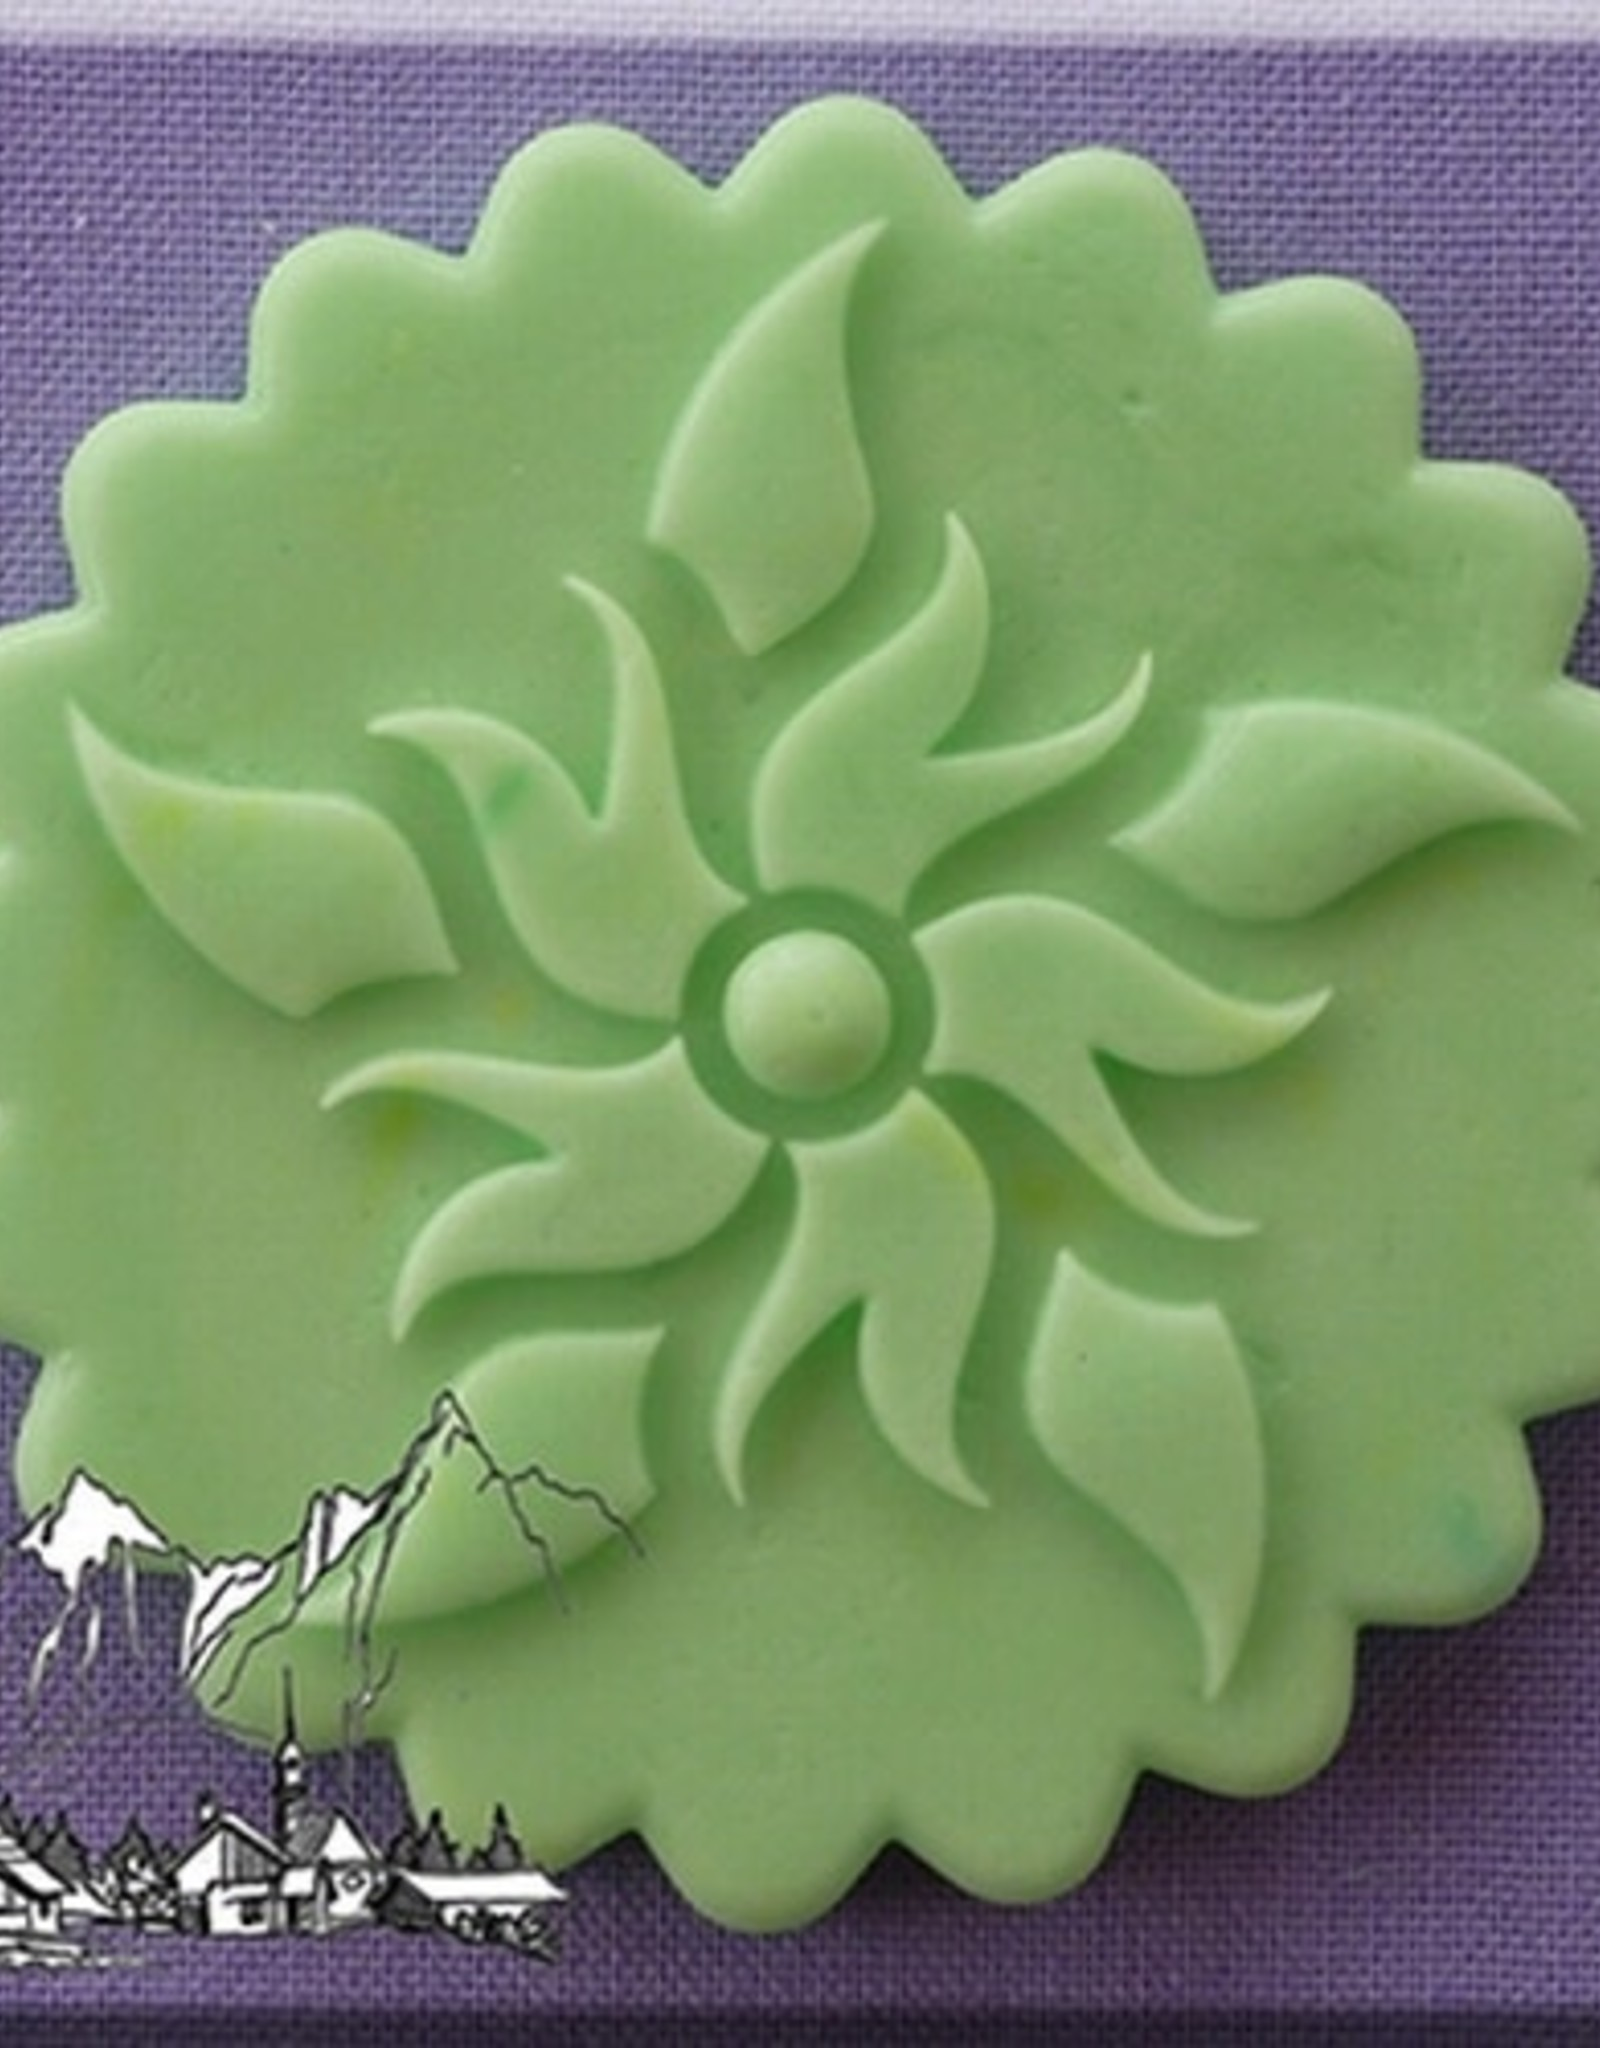 Alphabet Moulds Alphabet Moulds Decorative Cupcake Topper 8